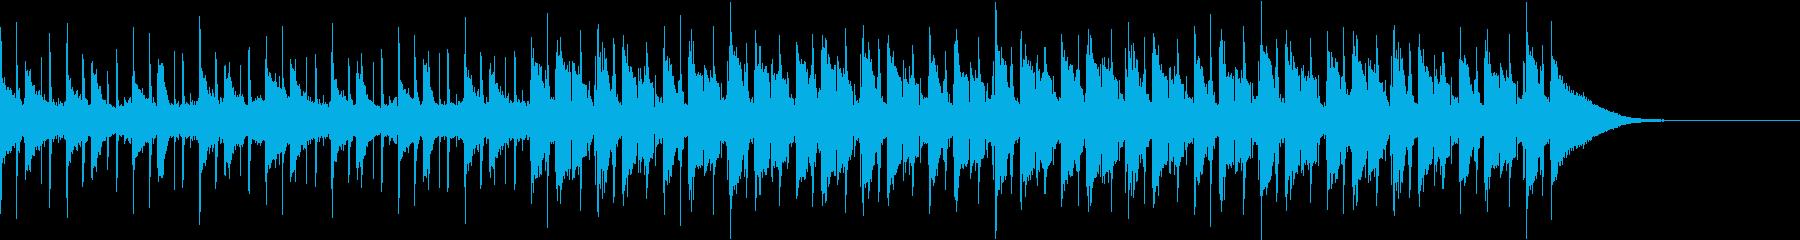 Pf「刻」和風現代ジャズの再生済みの波形